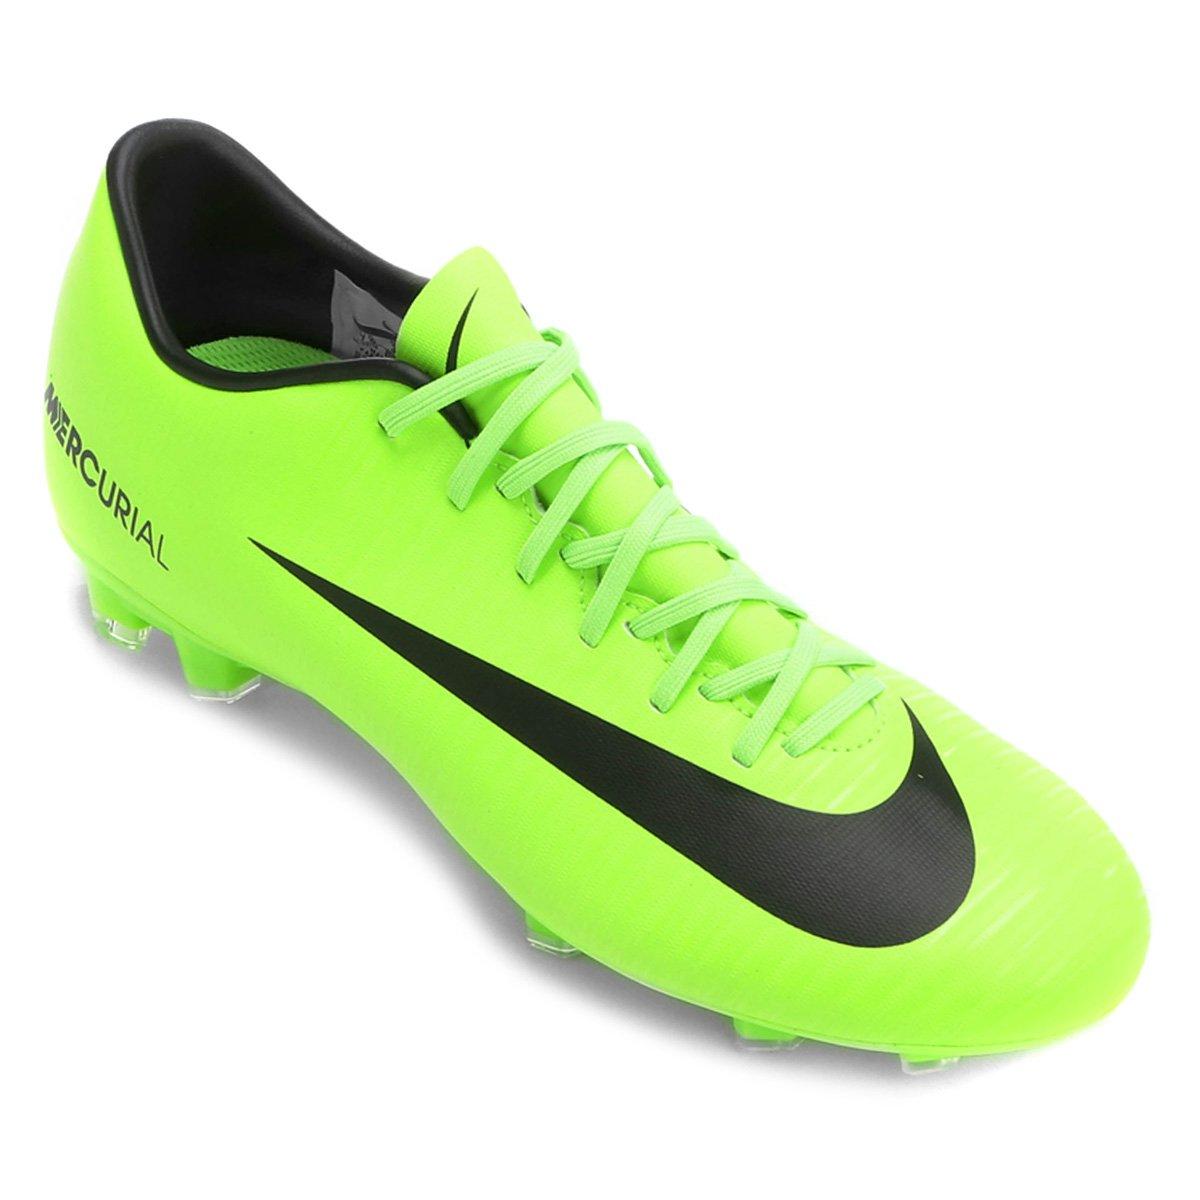 01c2352b81e69 Chuteira Campo Nike Mercurial Victory 6 FG - Compre Agora